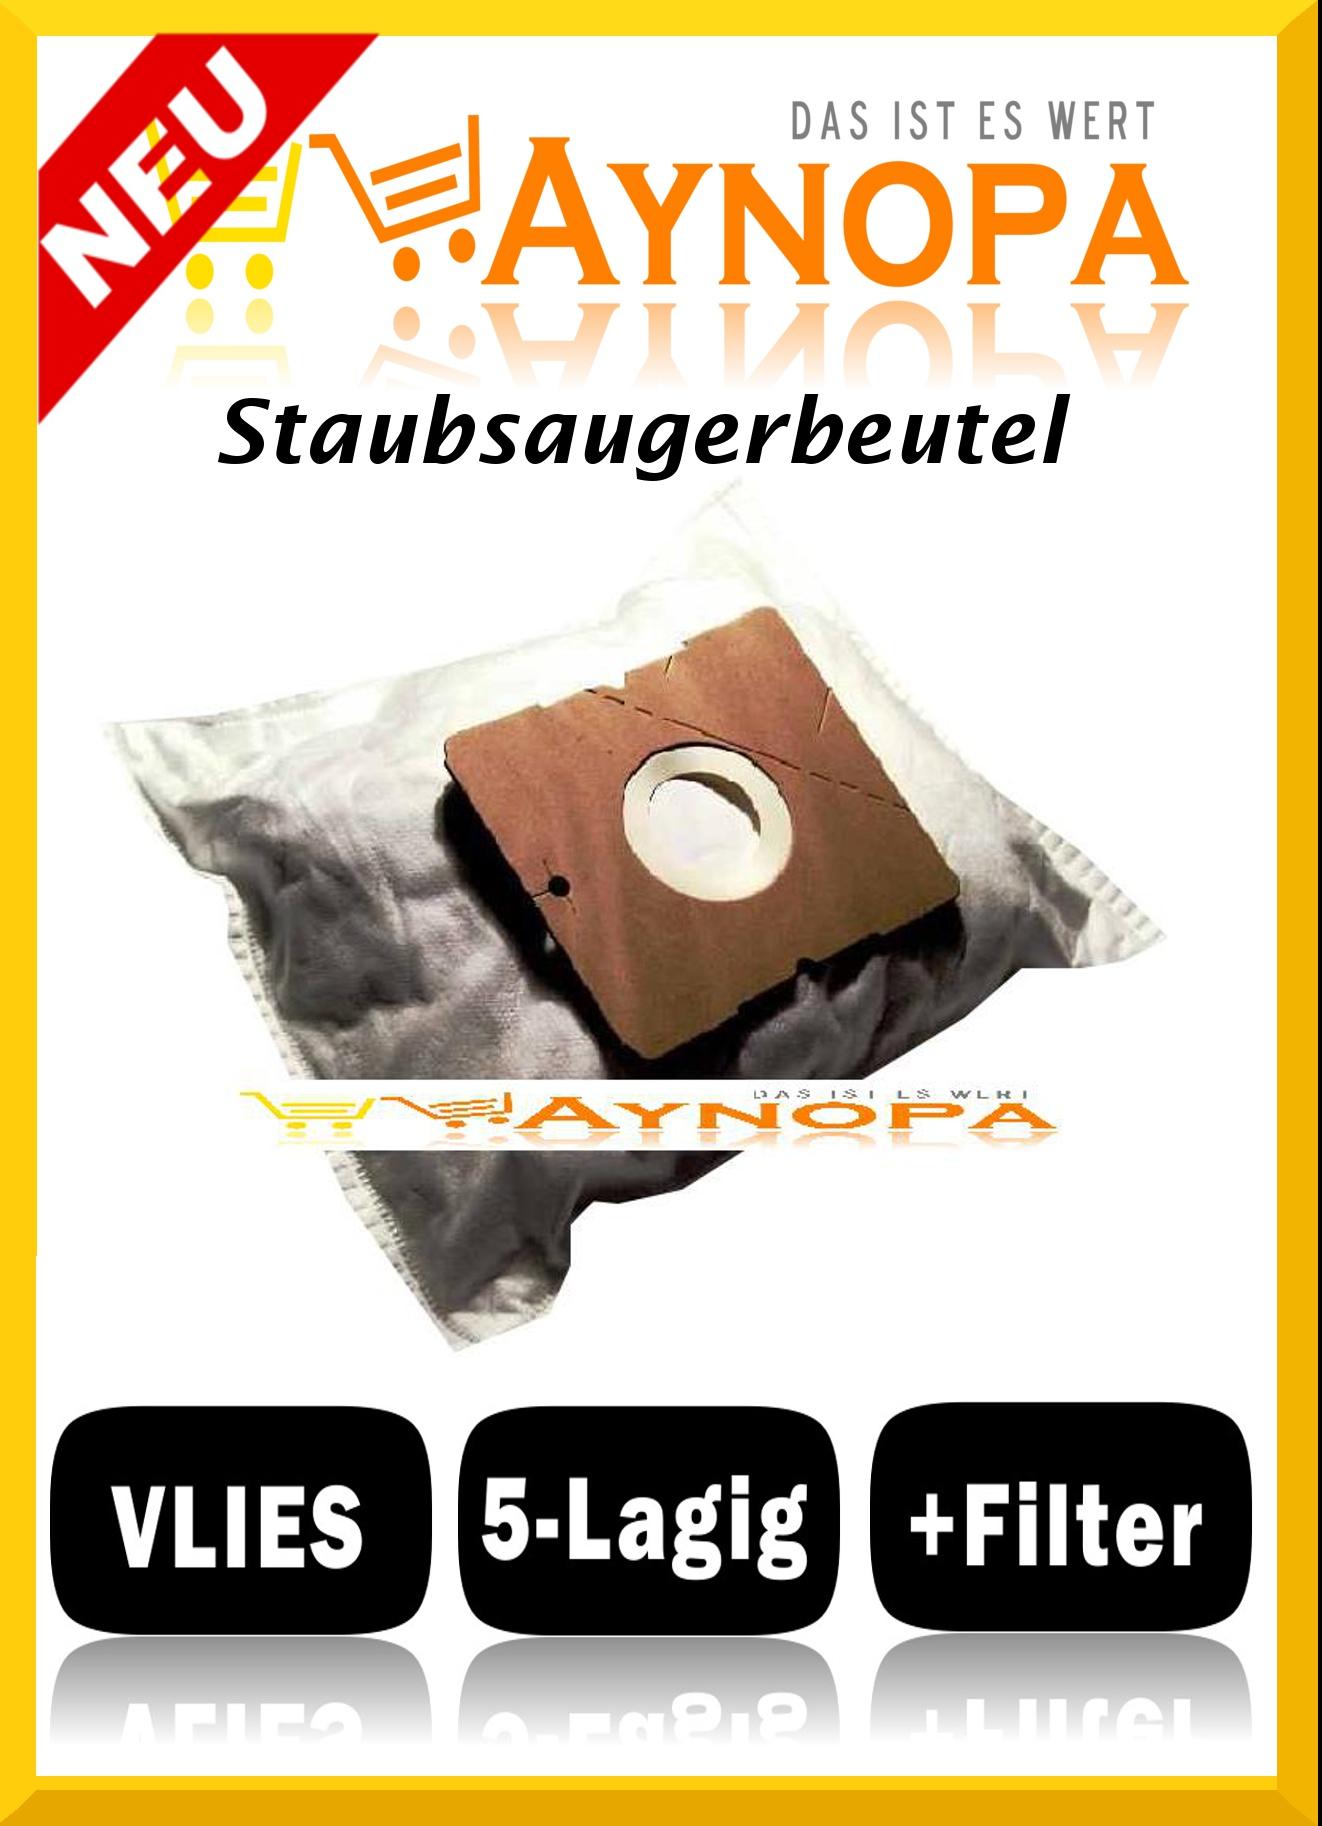 staubsaugerbeutel für progress stuttgart pc 2265 pc 3727  ~ Staubsauger Progress Stuttgart